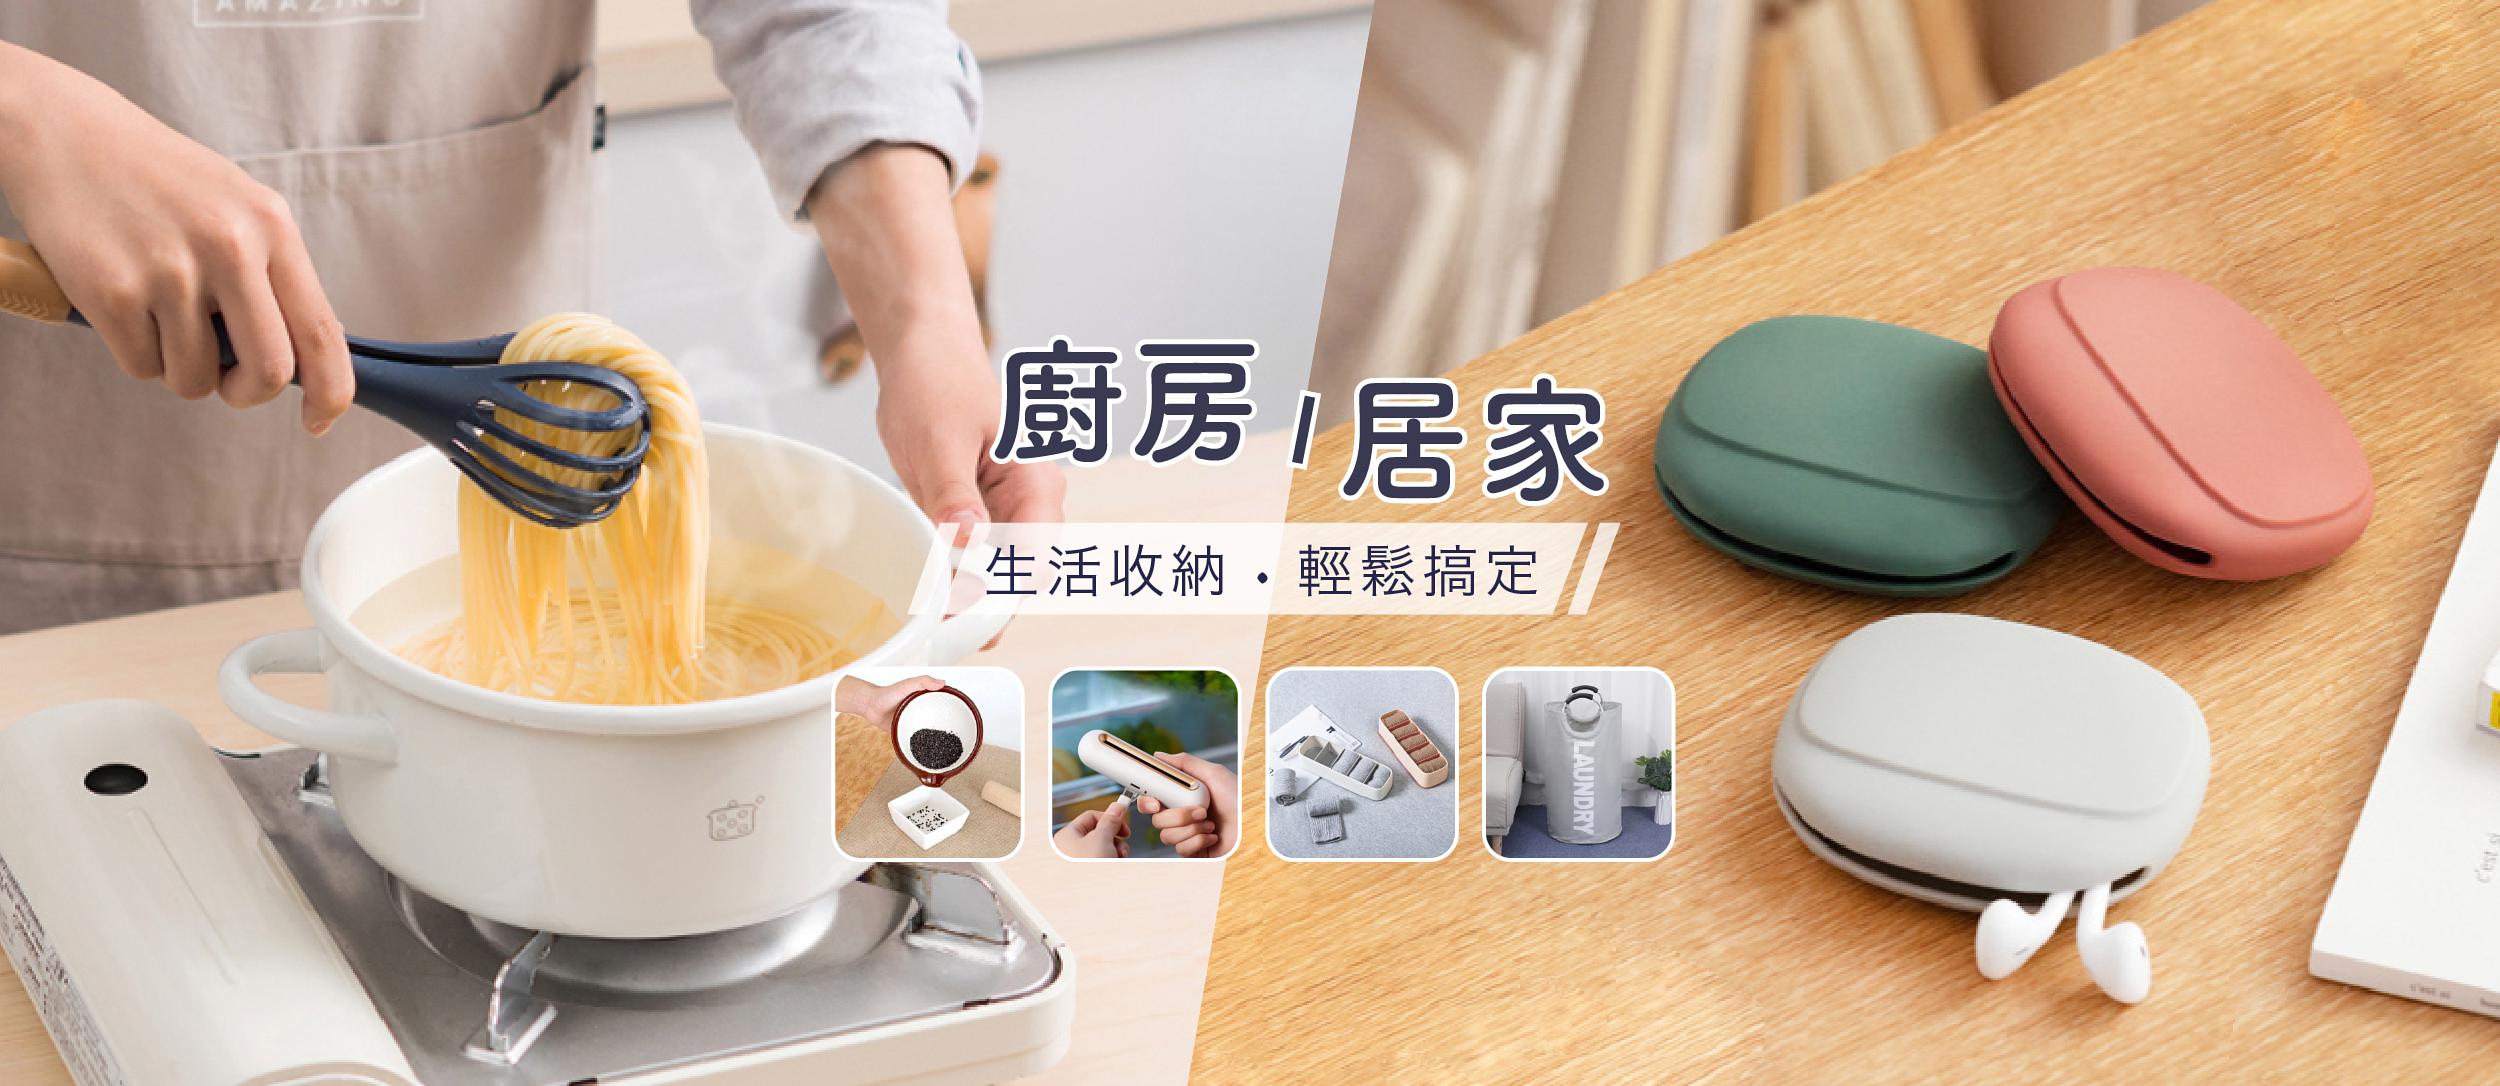 廚房&居家生活收納輕鬆搞定 便利收納輕量級選品分享